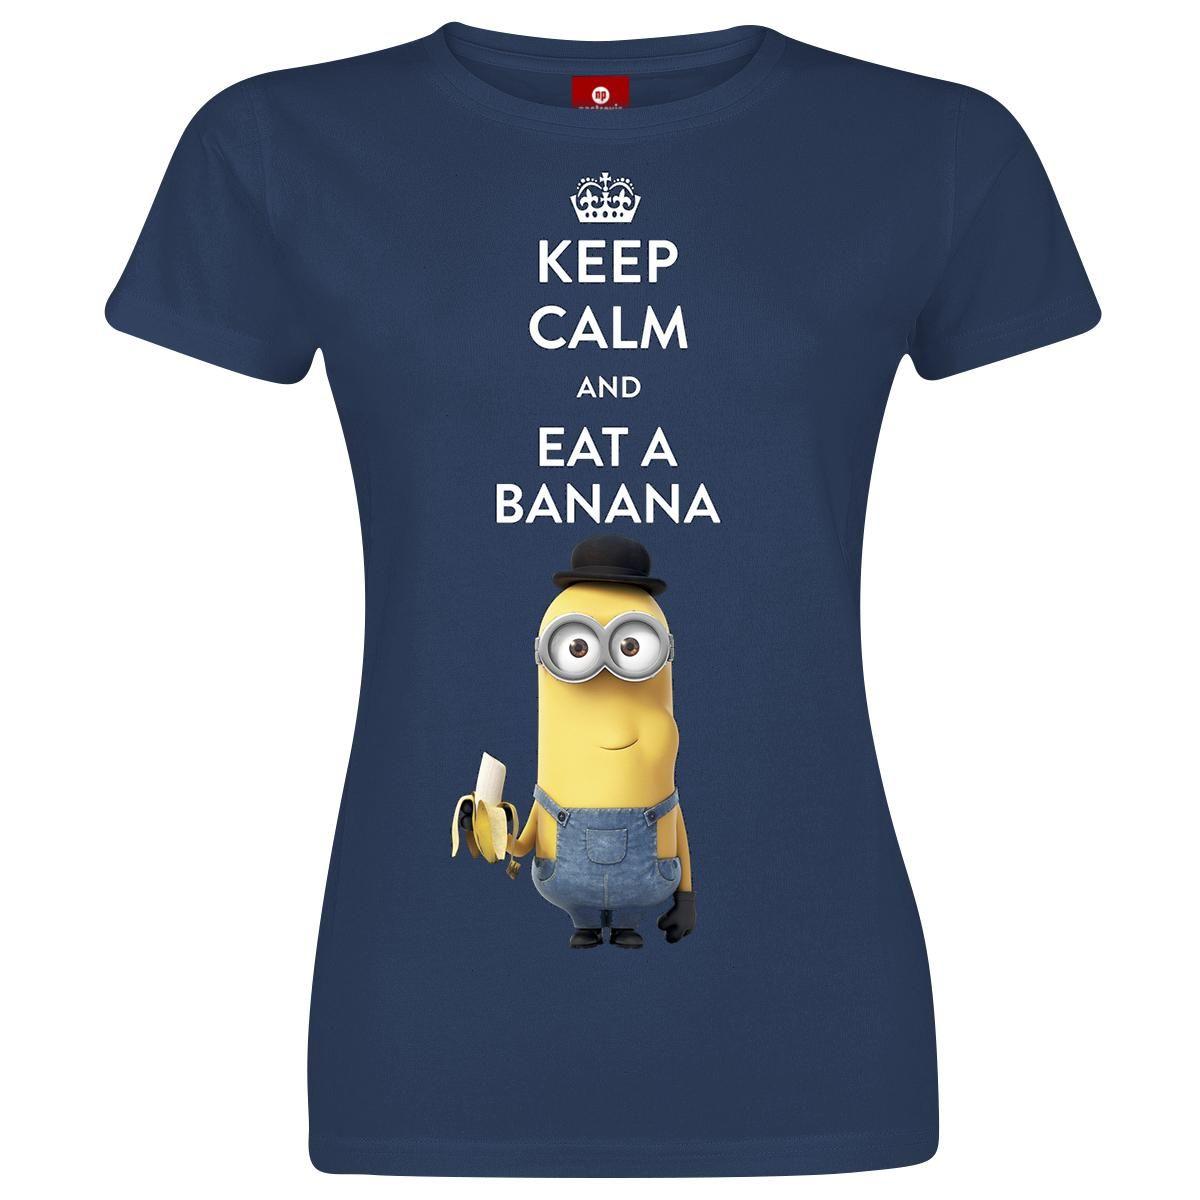 Minions T Shirt »Keep Calm And Eat A Banana« | Jetzt Bei EMP Kaufen | Mehr  Fan Merch T Shirts Online Verfügbar ✓ Unschlagbar Günstig!